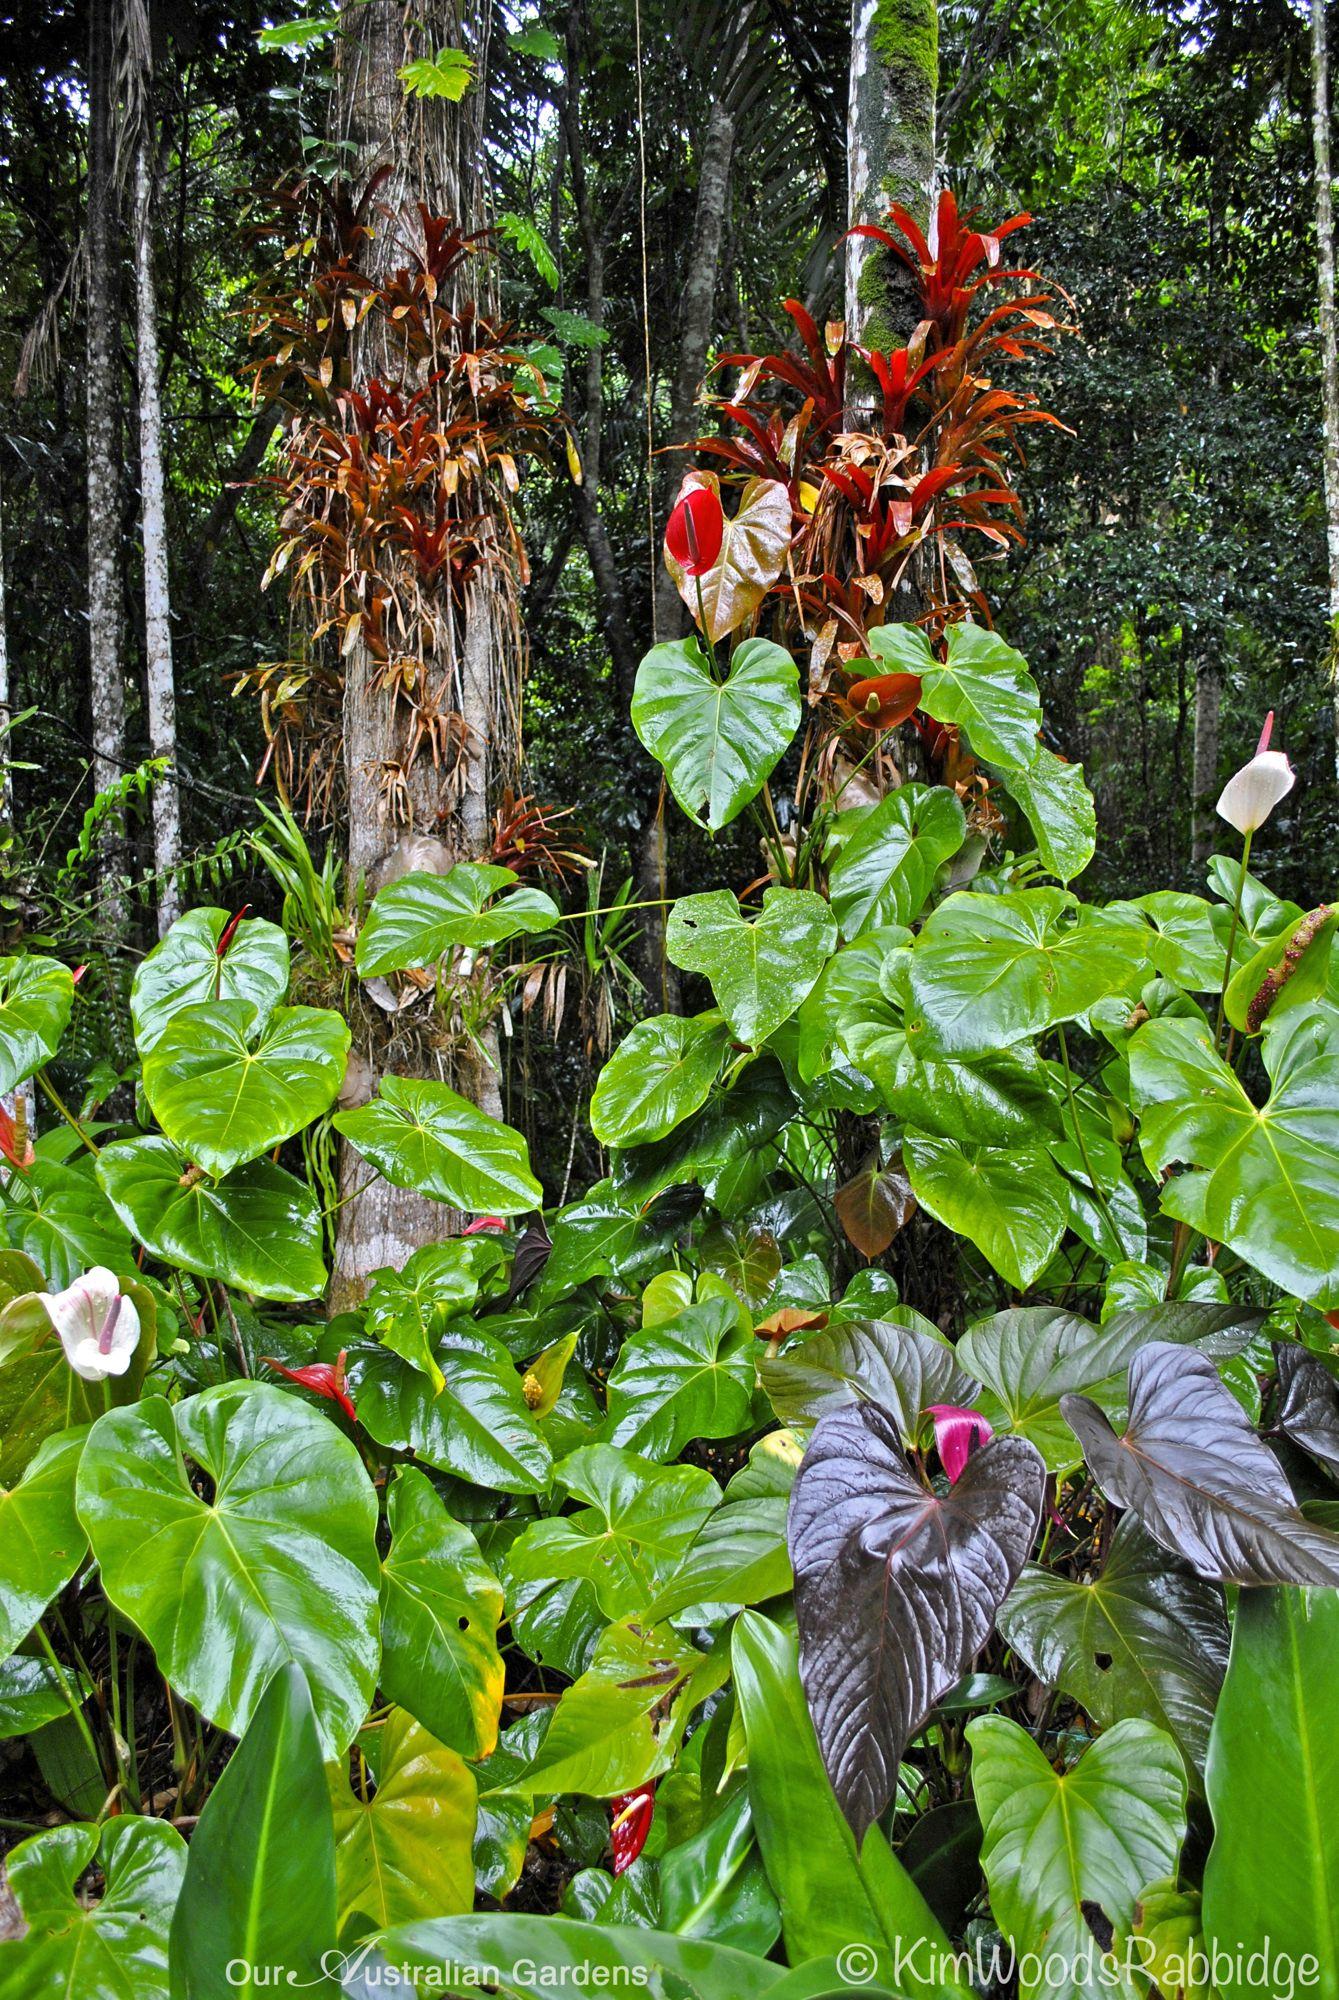 u0027Canopy understory ©Kim Woods Rabbidgeu0027 & Canopy understory ©Kim Woods Rabbidge u2013 Our Australian Gardens